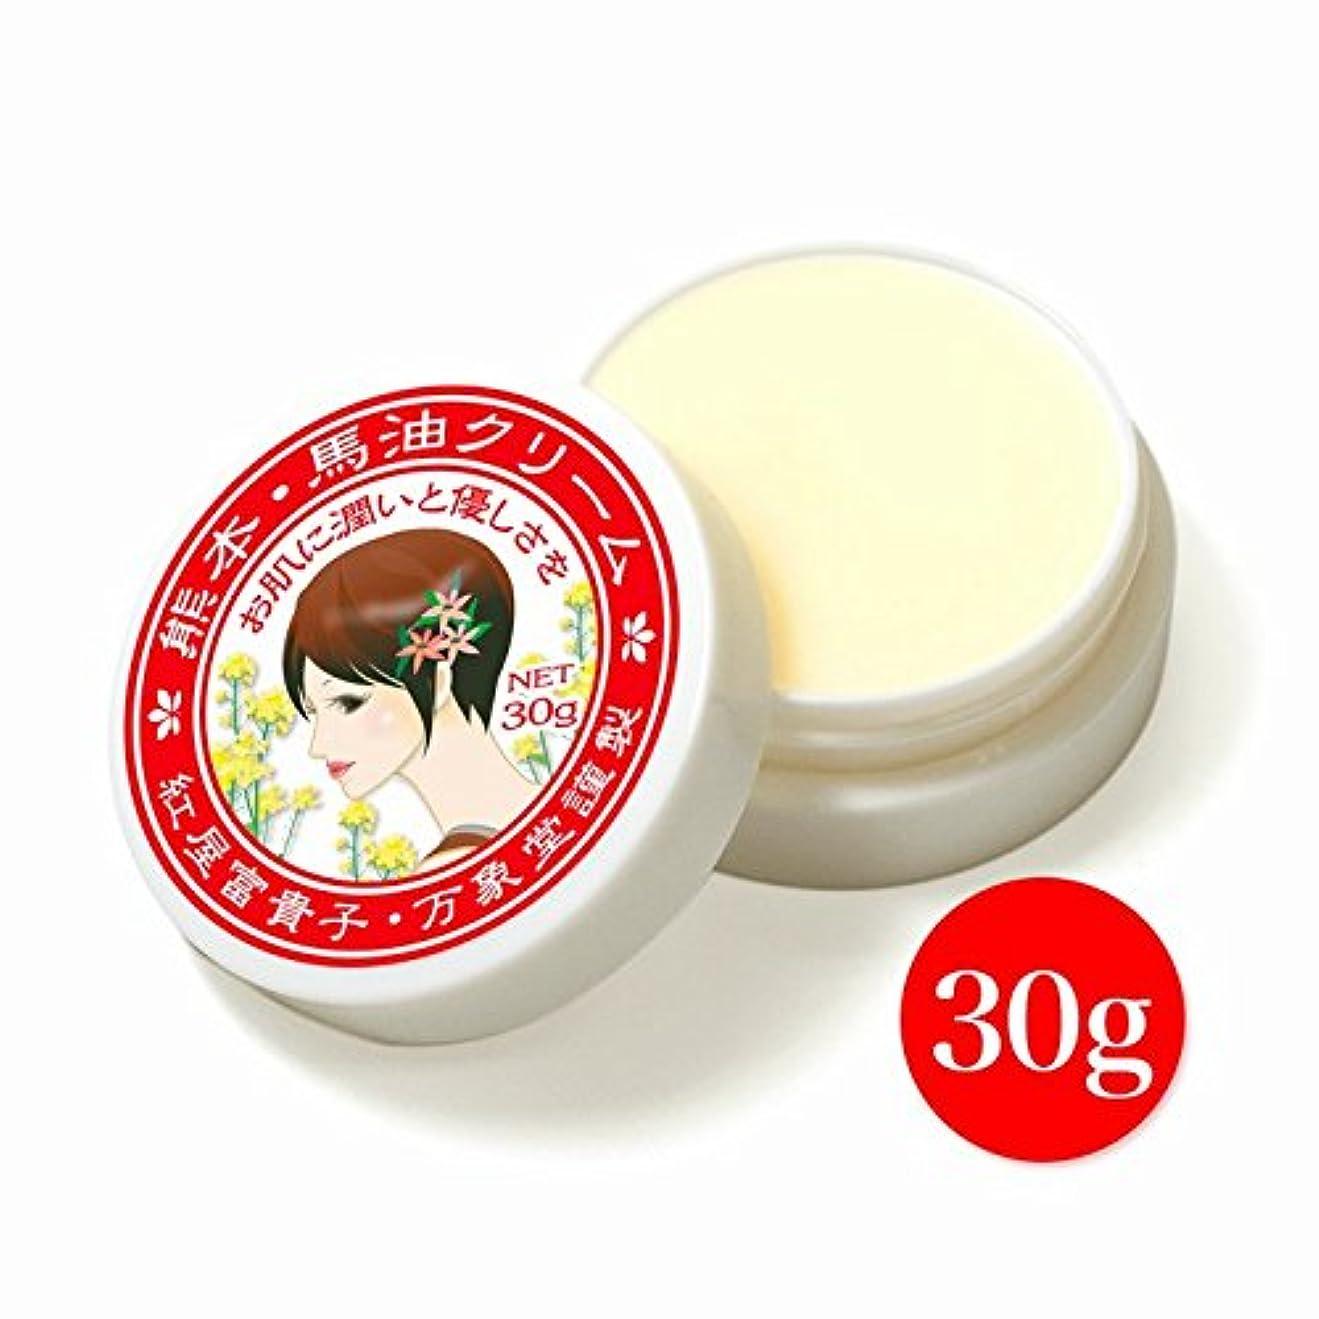 敬の念首尾一貫したサロン森羅万象堂 馬油クリーム 30g (ラベンダーの香り)精油 アロマ 国産 保湿 スキンクリーム